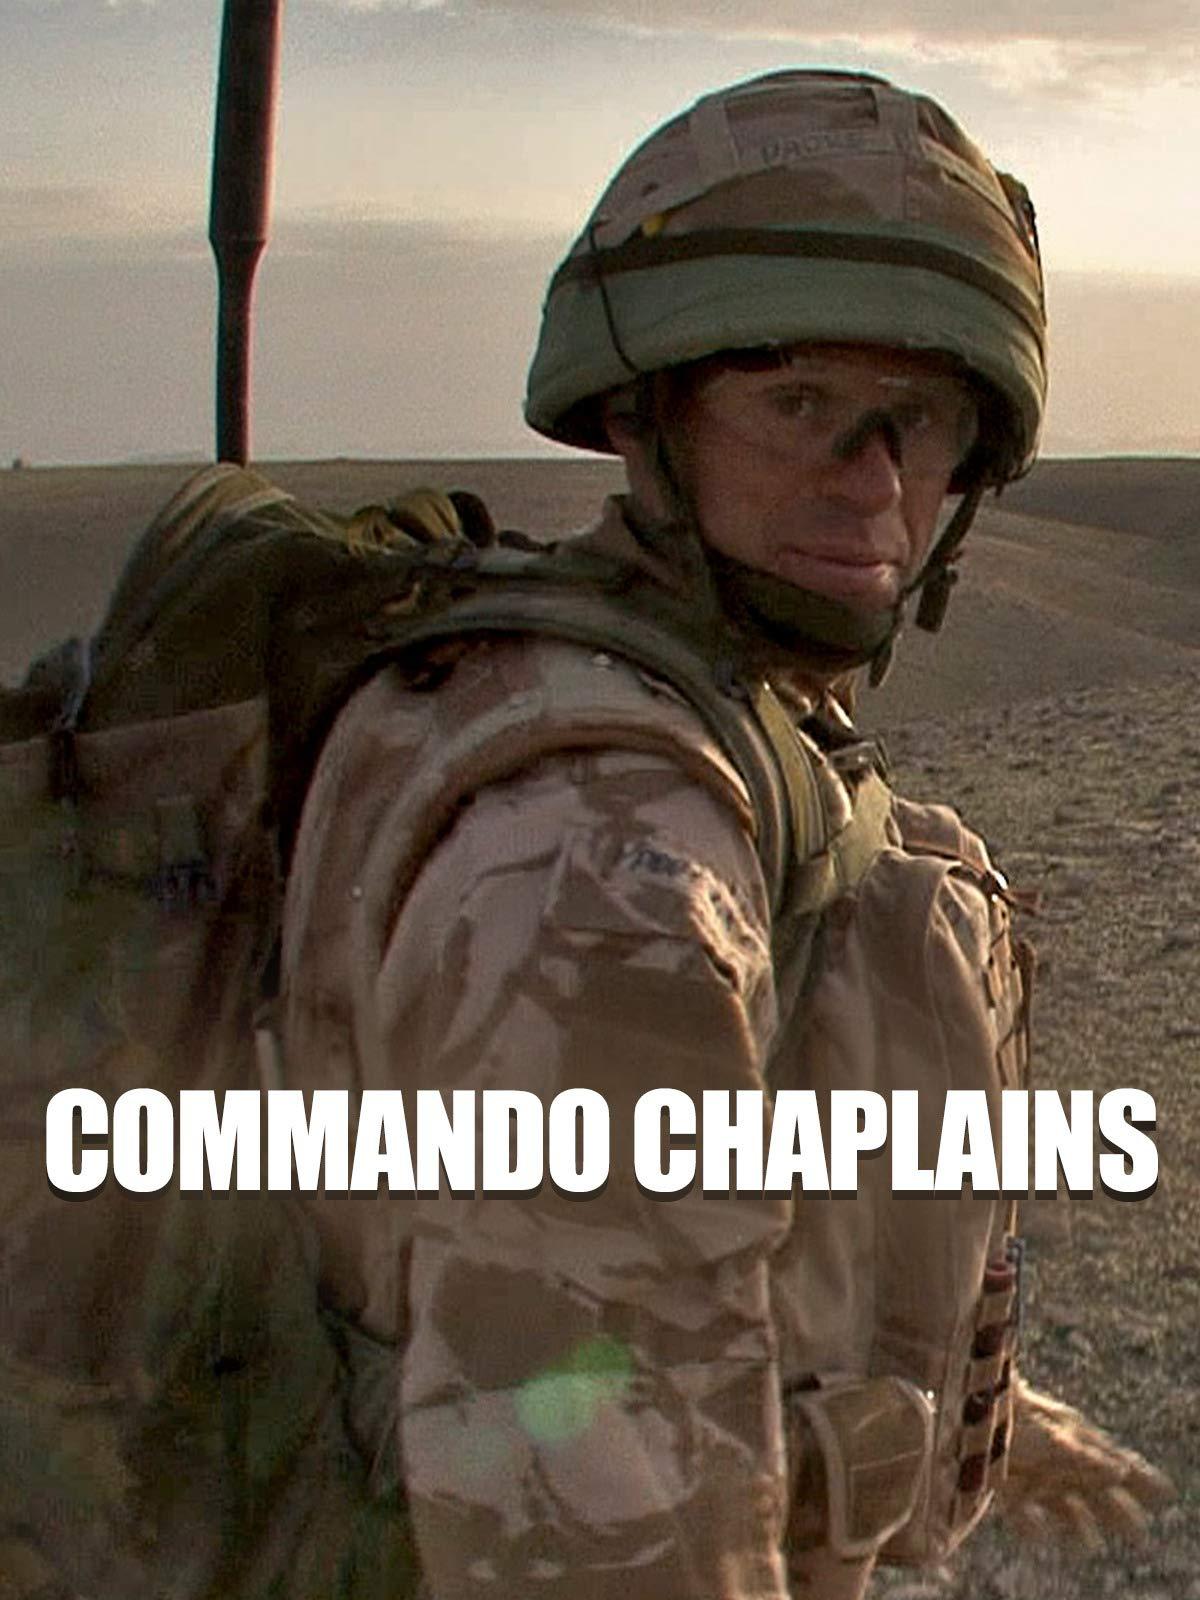 Commando Chaplains